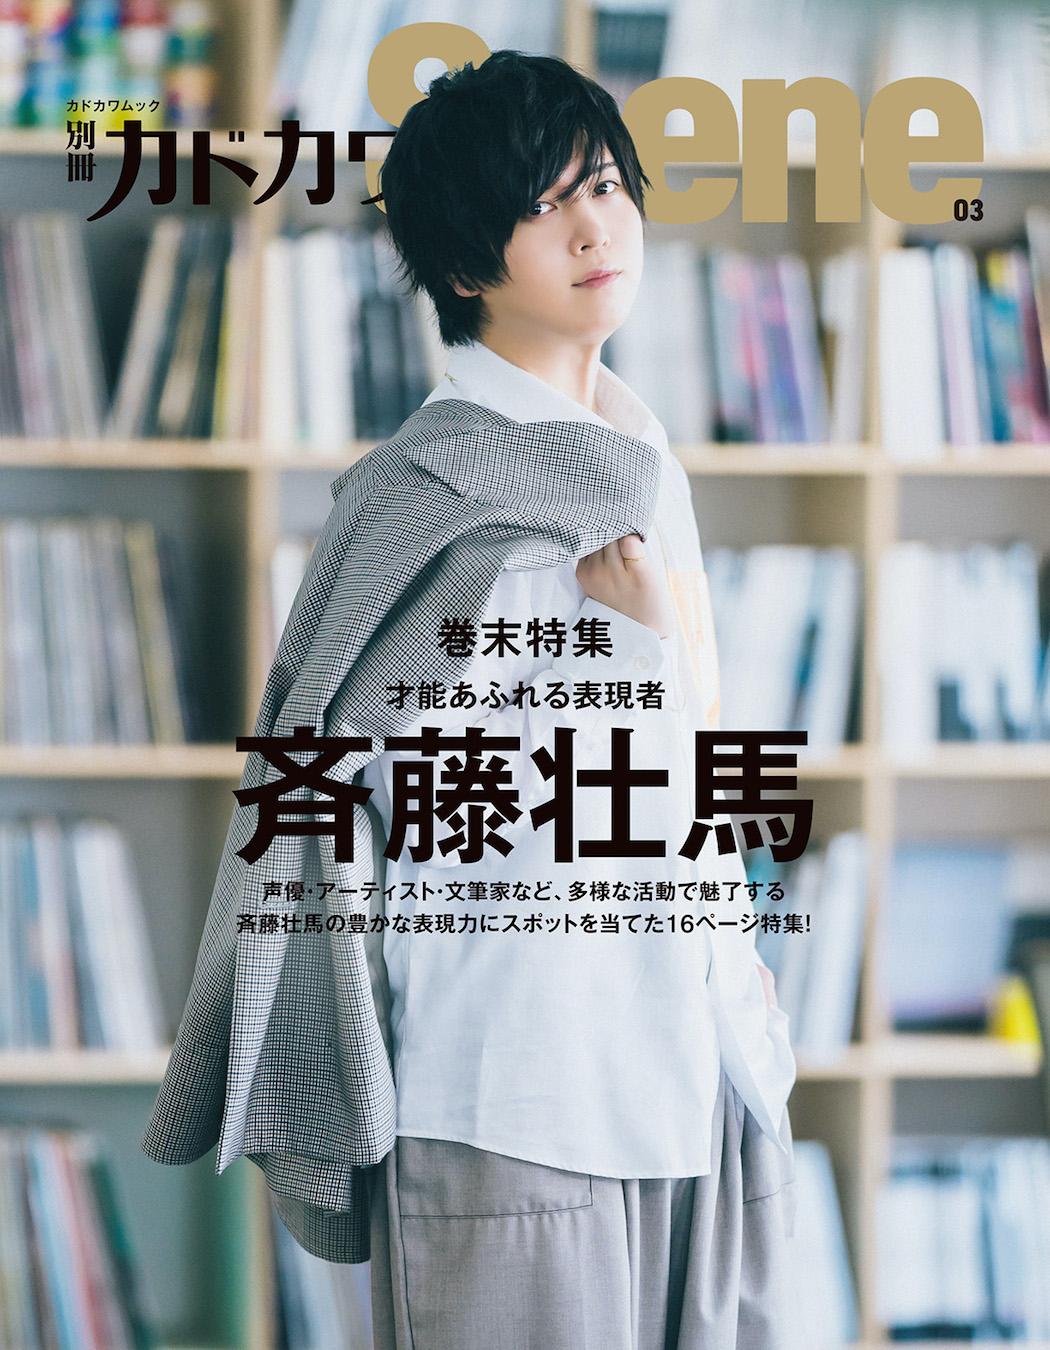 斉藤壮馬さんが「別冊カドカワScene」に登場!アーティスト・文筆家でも活動をする表現力にスポットを当てた特集